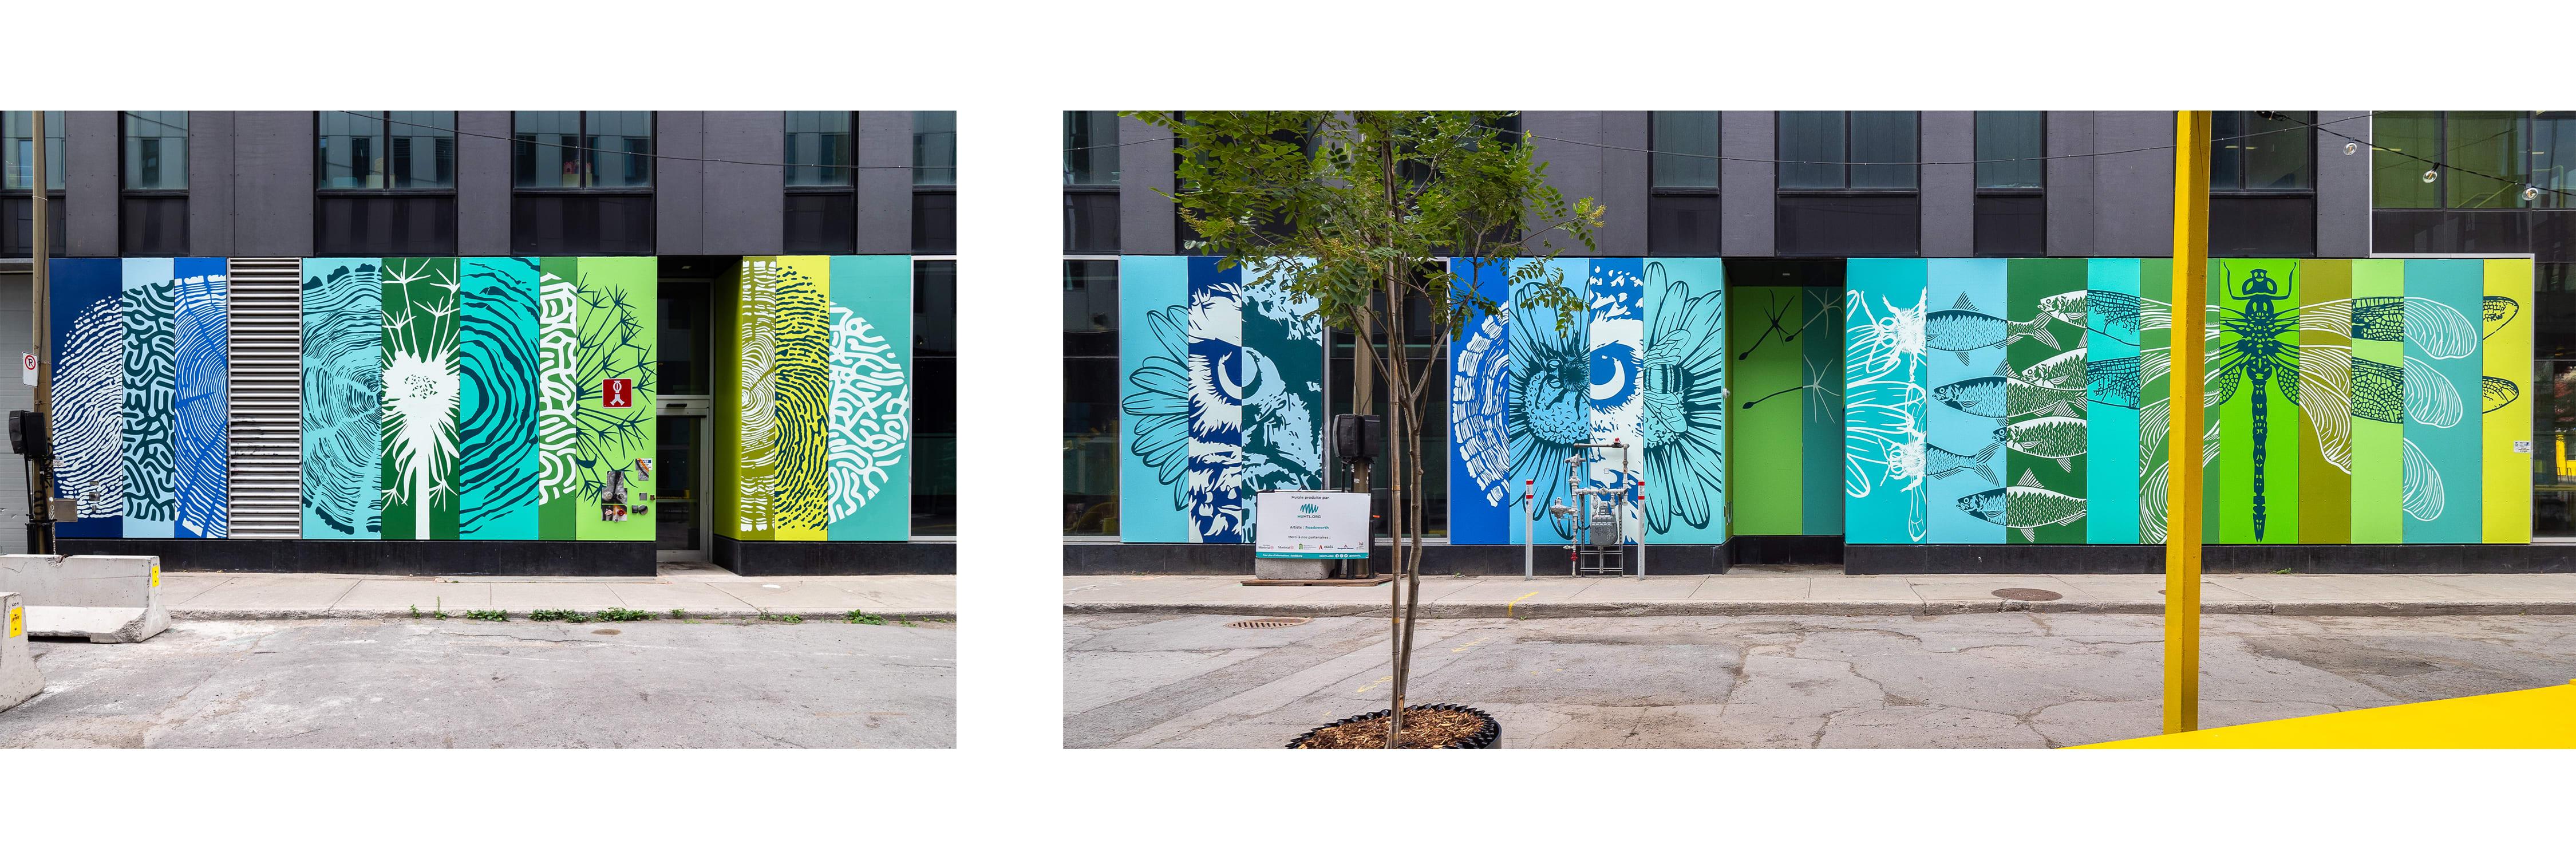 Murale sur la Maison du développement durable